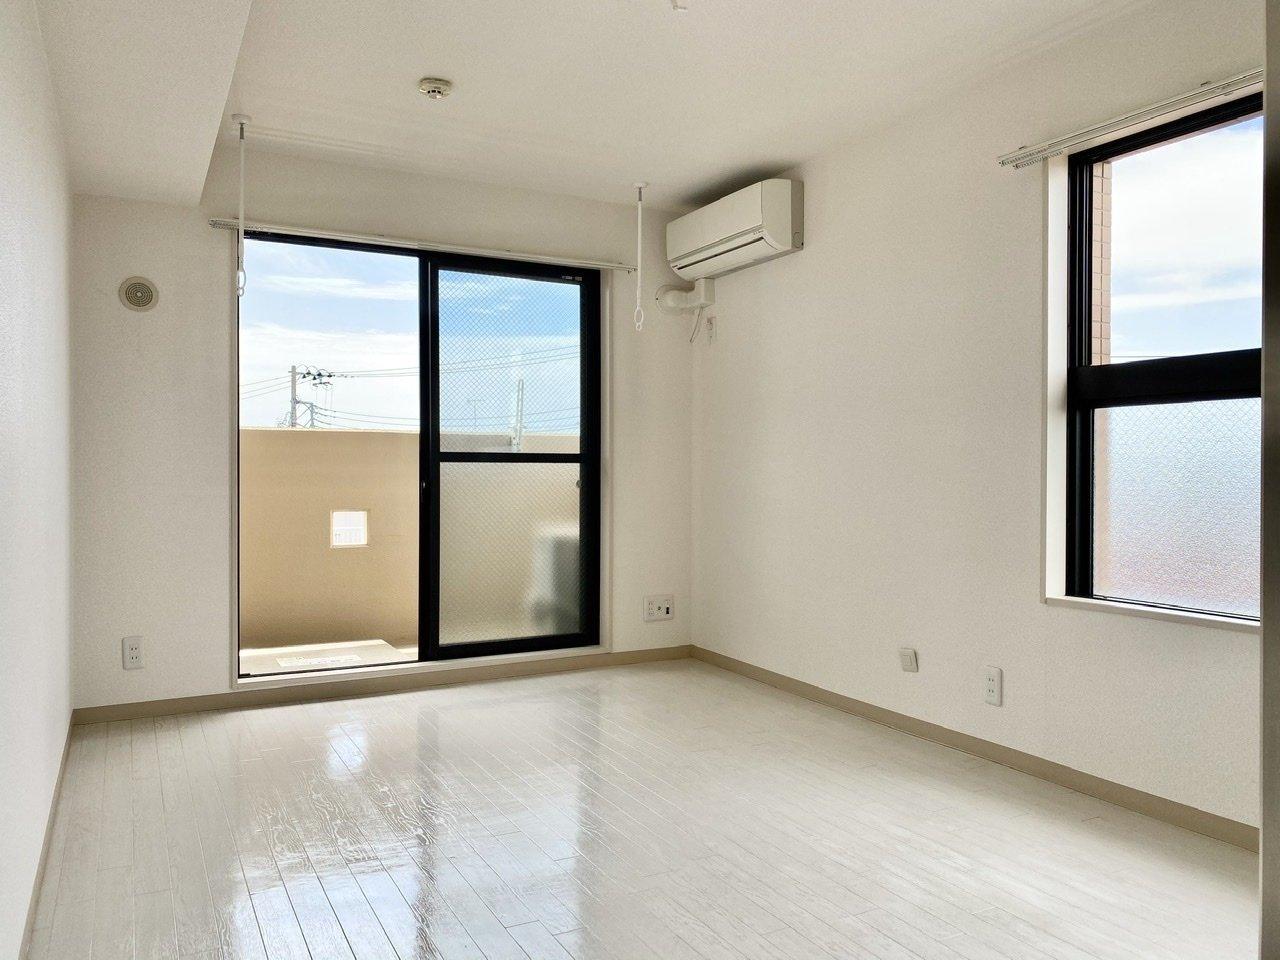 駅からの近さも魅力の1Kタイプのお部屋。フローリングも壁も白で統一されていて、清潔感があっていいですね。